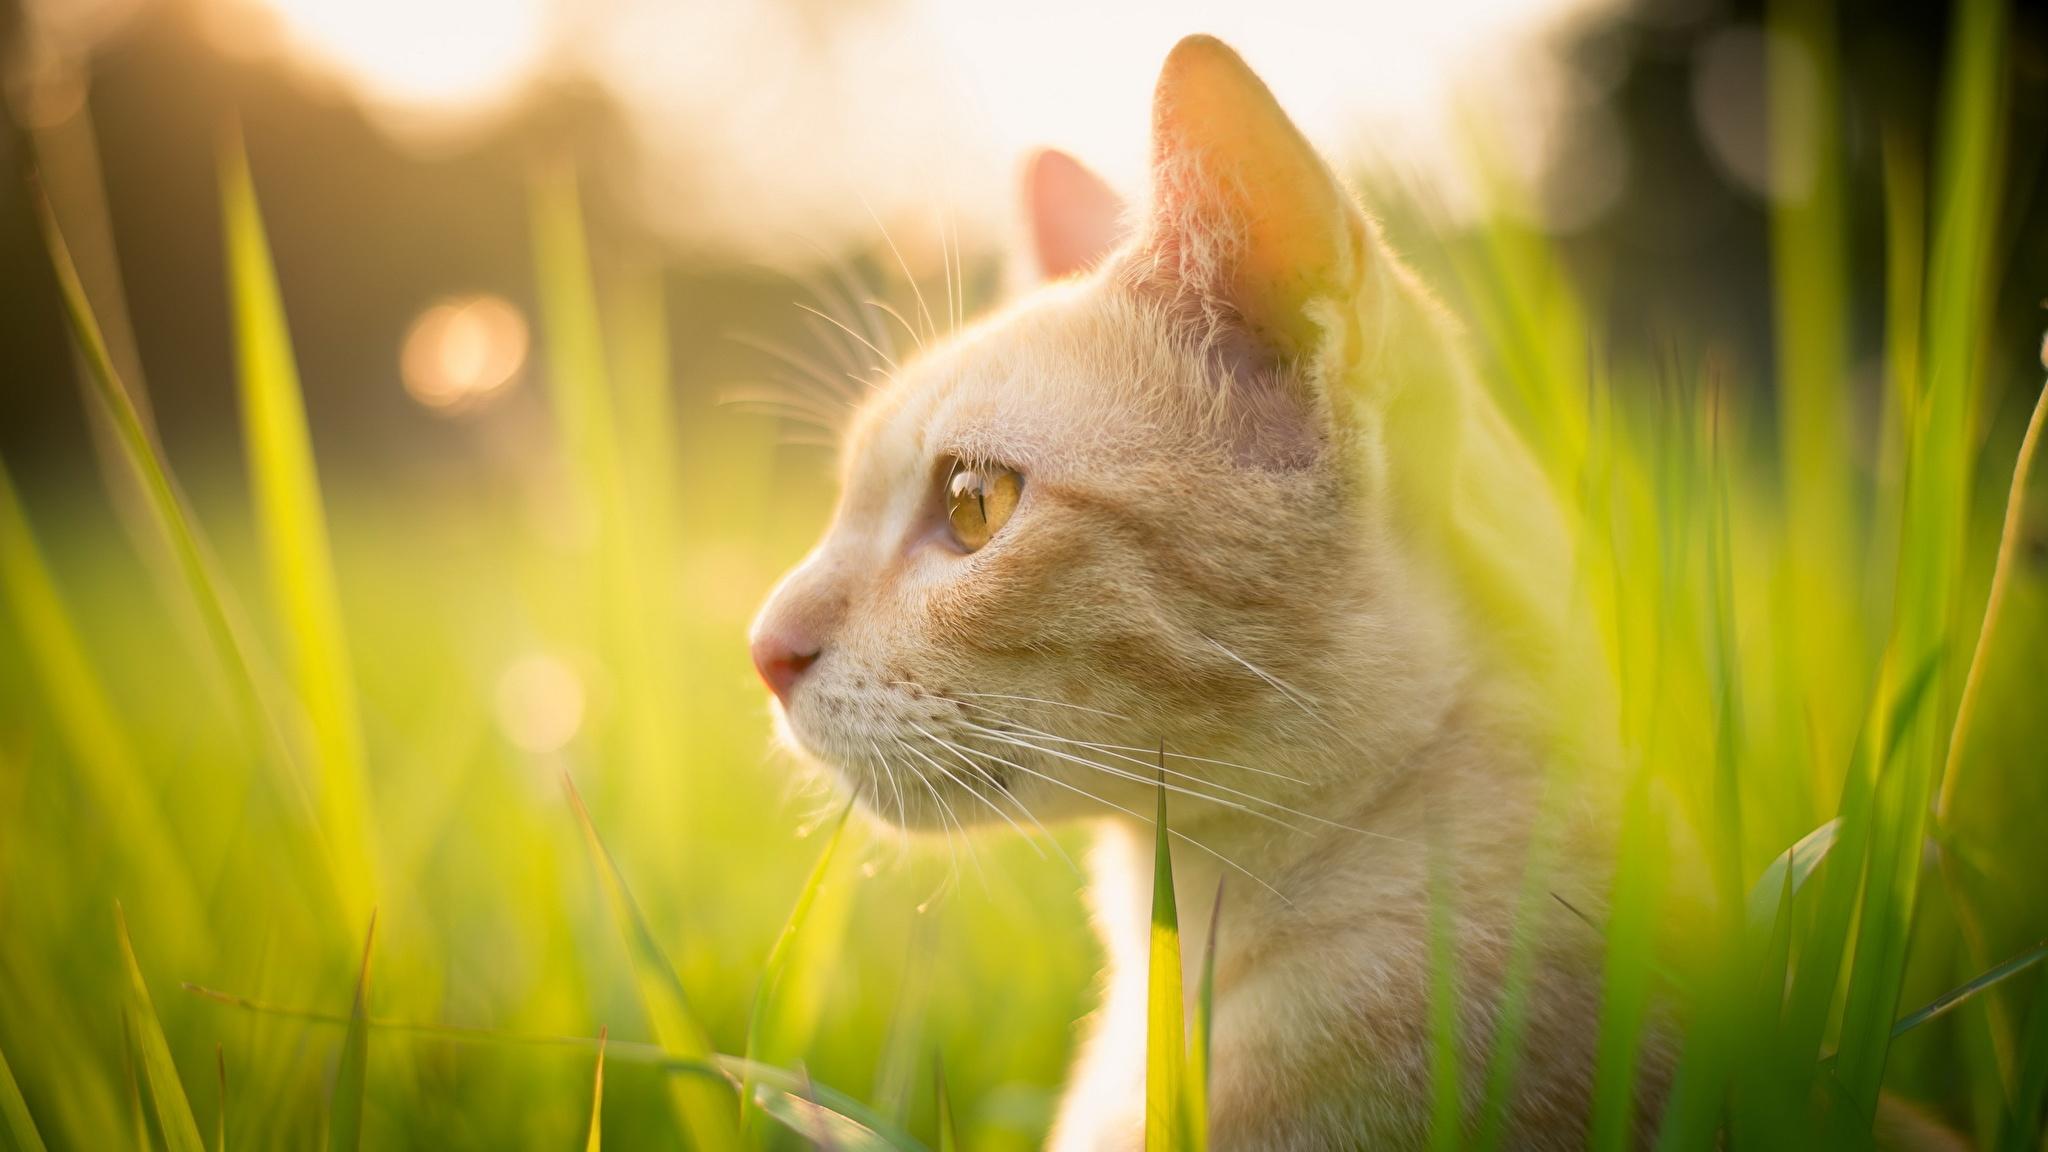 природа животные кот рыжий котенок в хорошем качестве